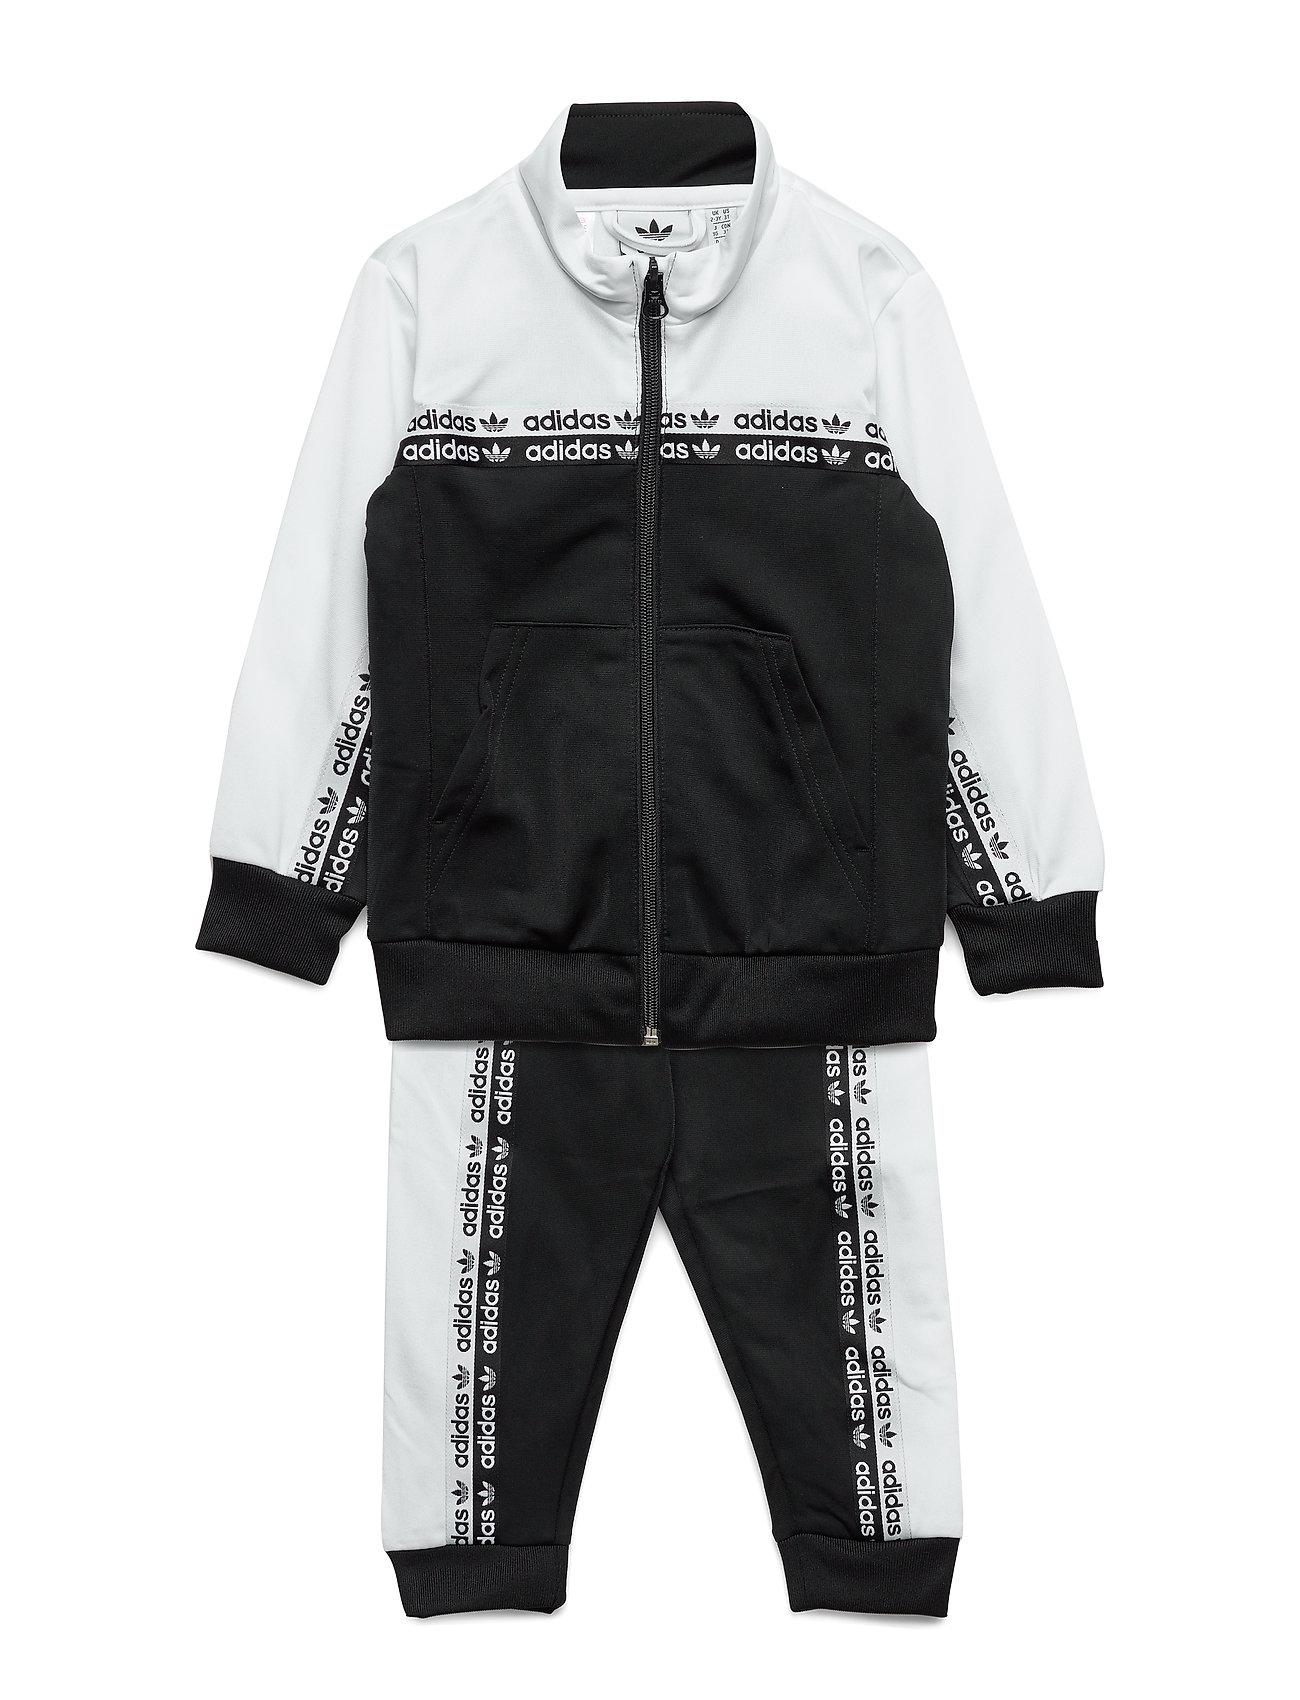 adidas Originals TRACKSUIT - BLACK/WHITE